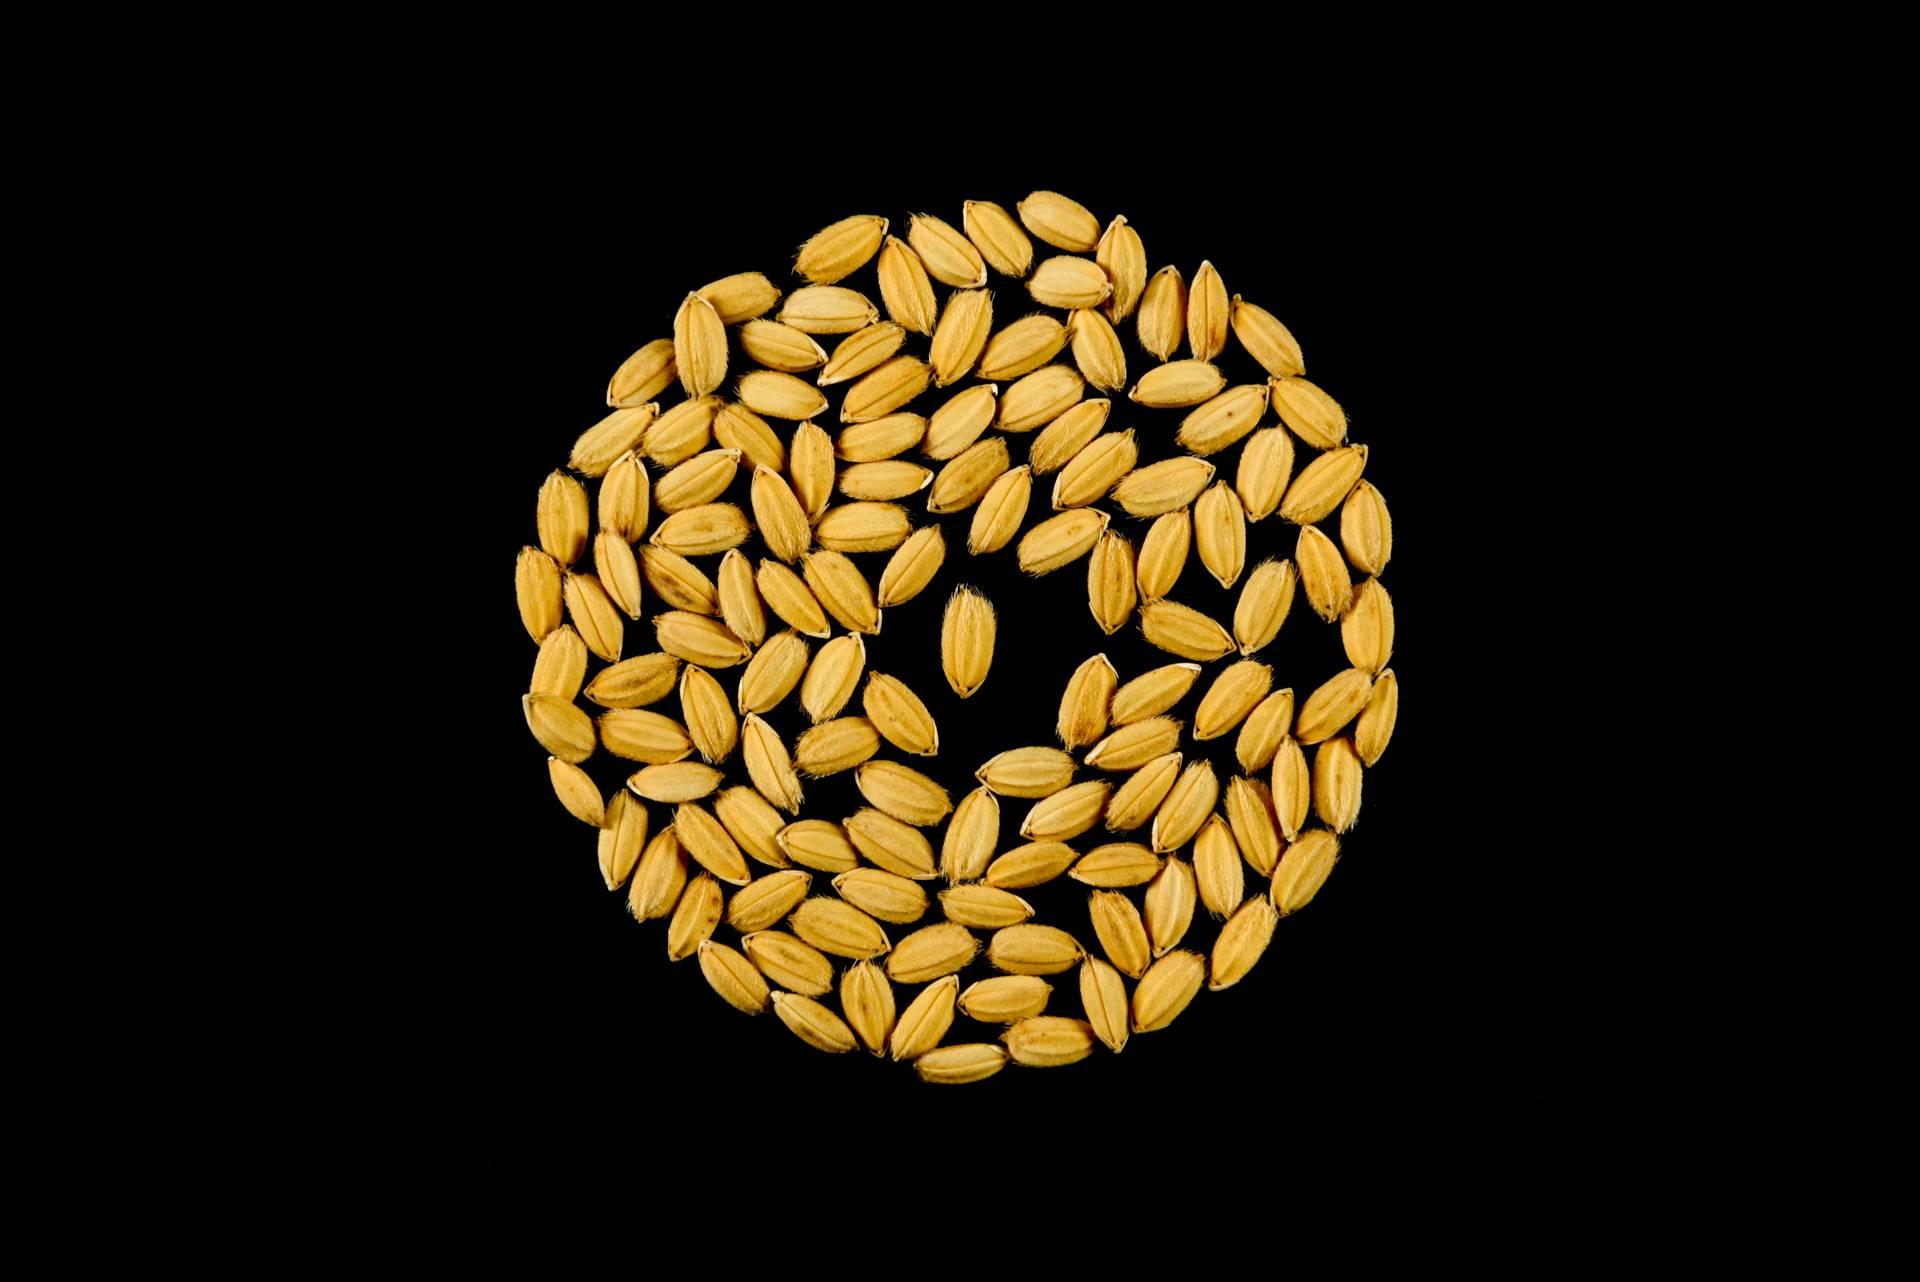 seme di riso terra cl risone